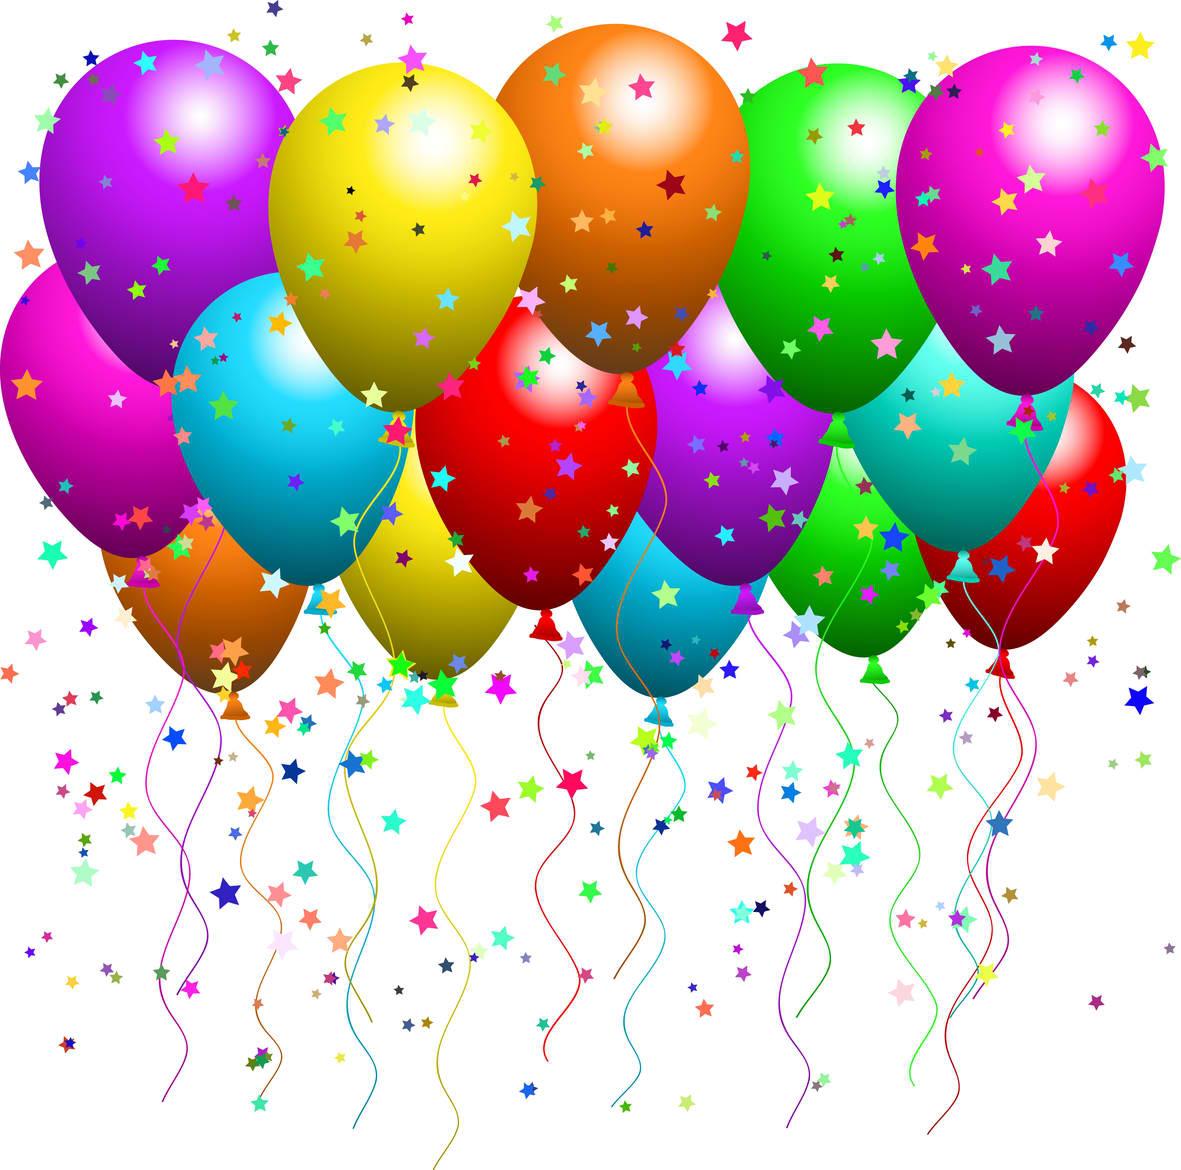 Birthday balloons free birthday clipart balloons muuf